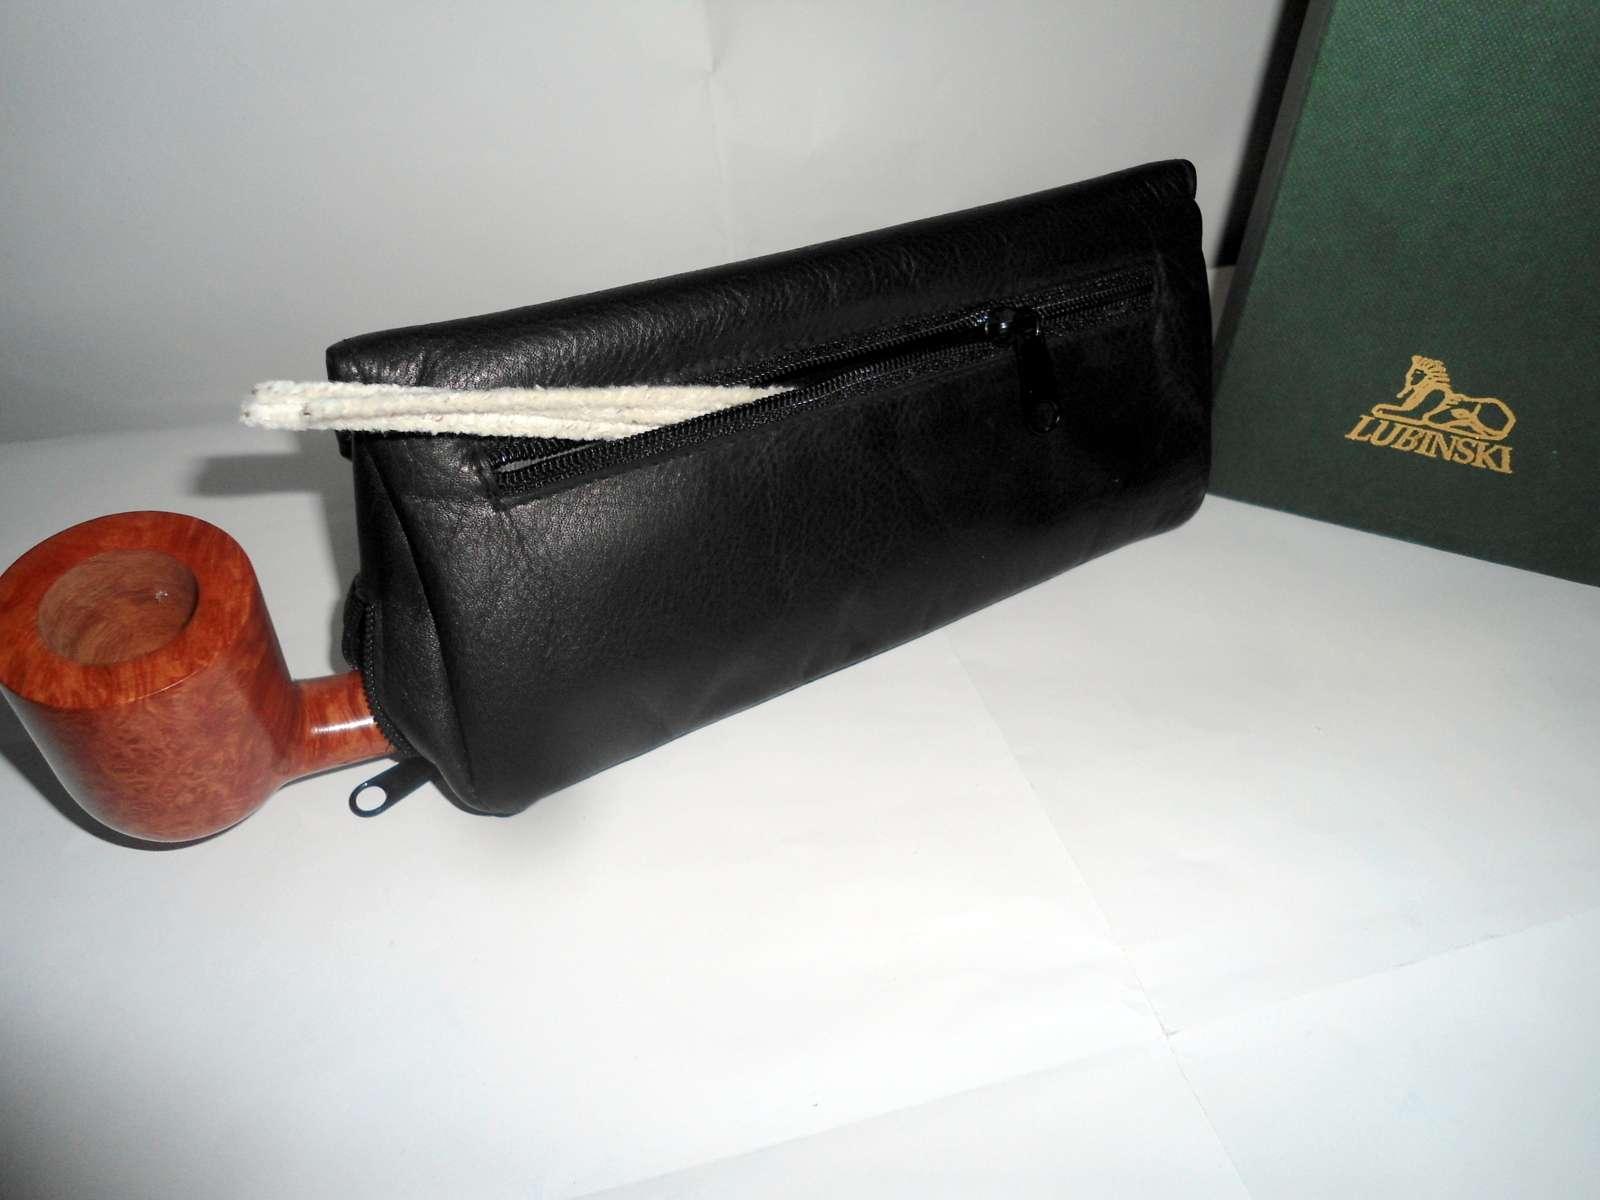 Borsello porta pipa porta tabacco sacchetta lubinski i709 - Porta tabacco pipa ...